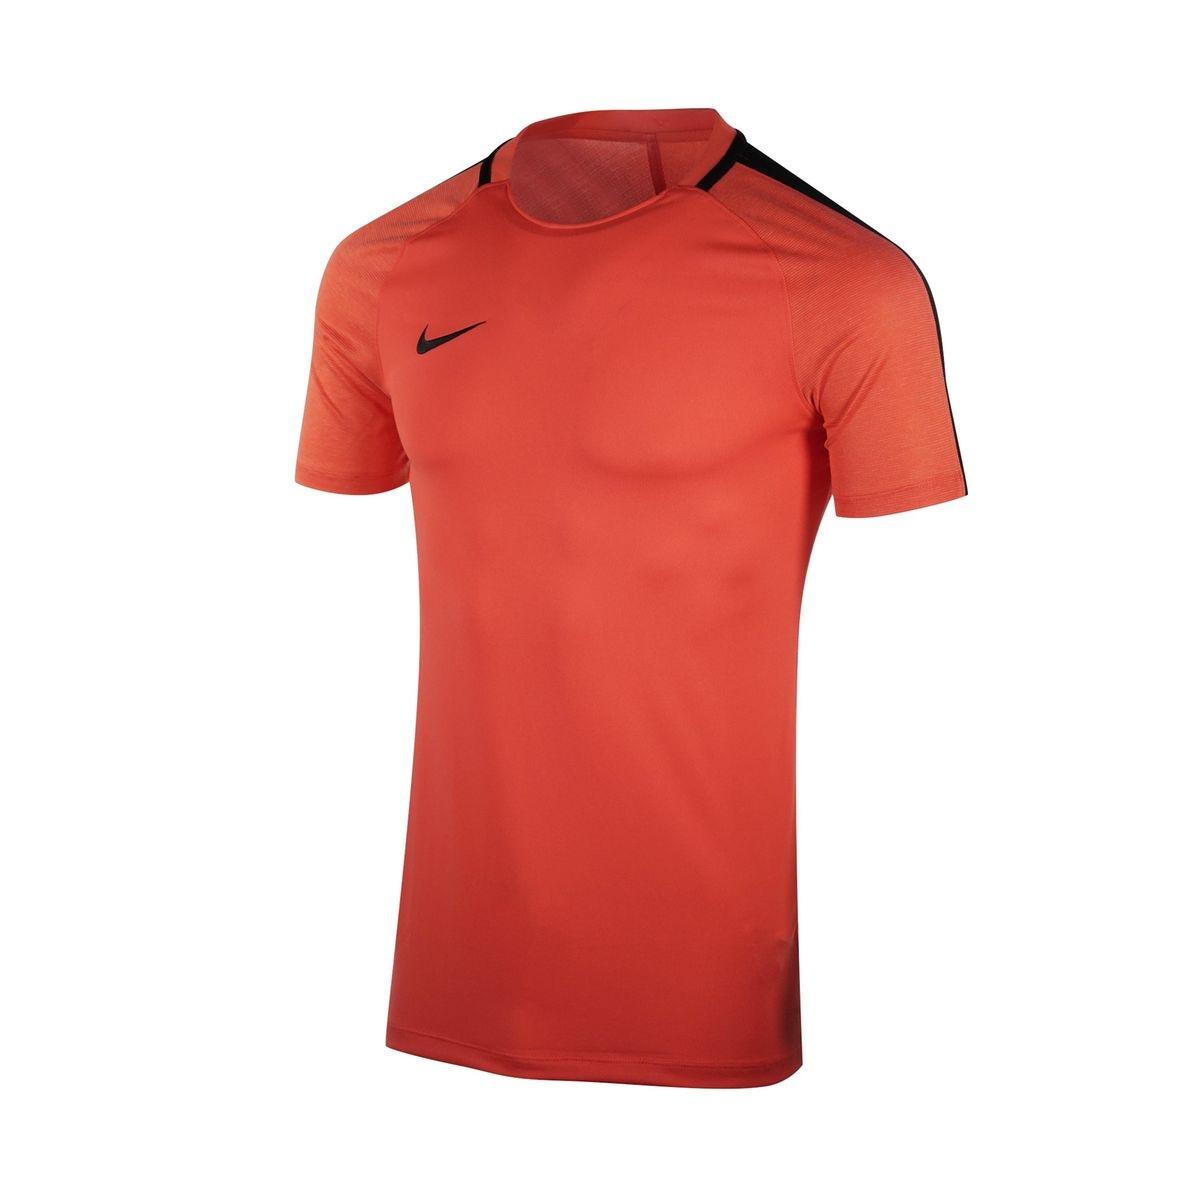 Maillot Entraînement Nike Orange